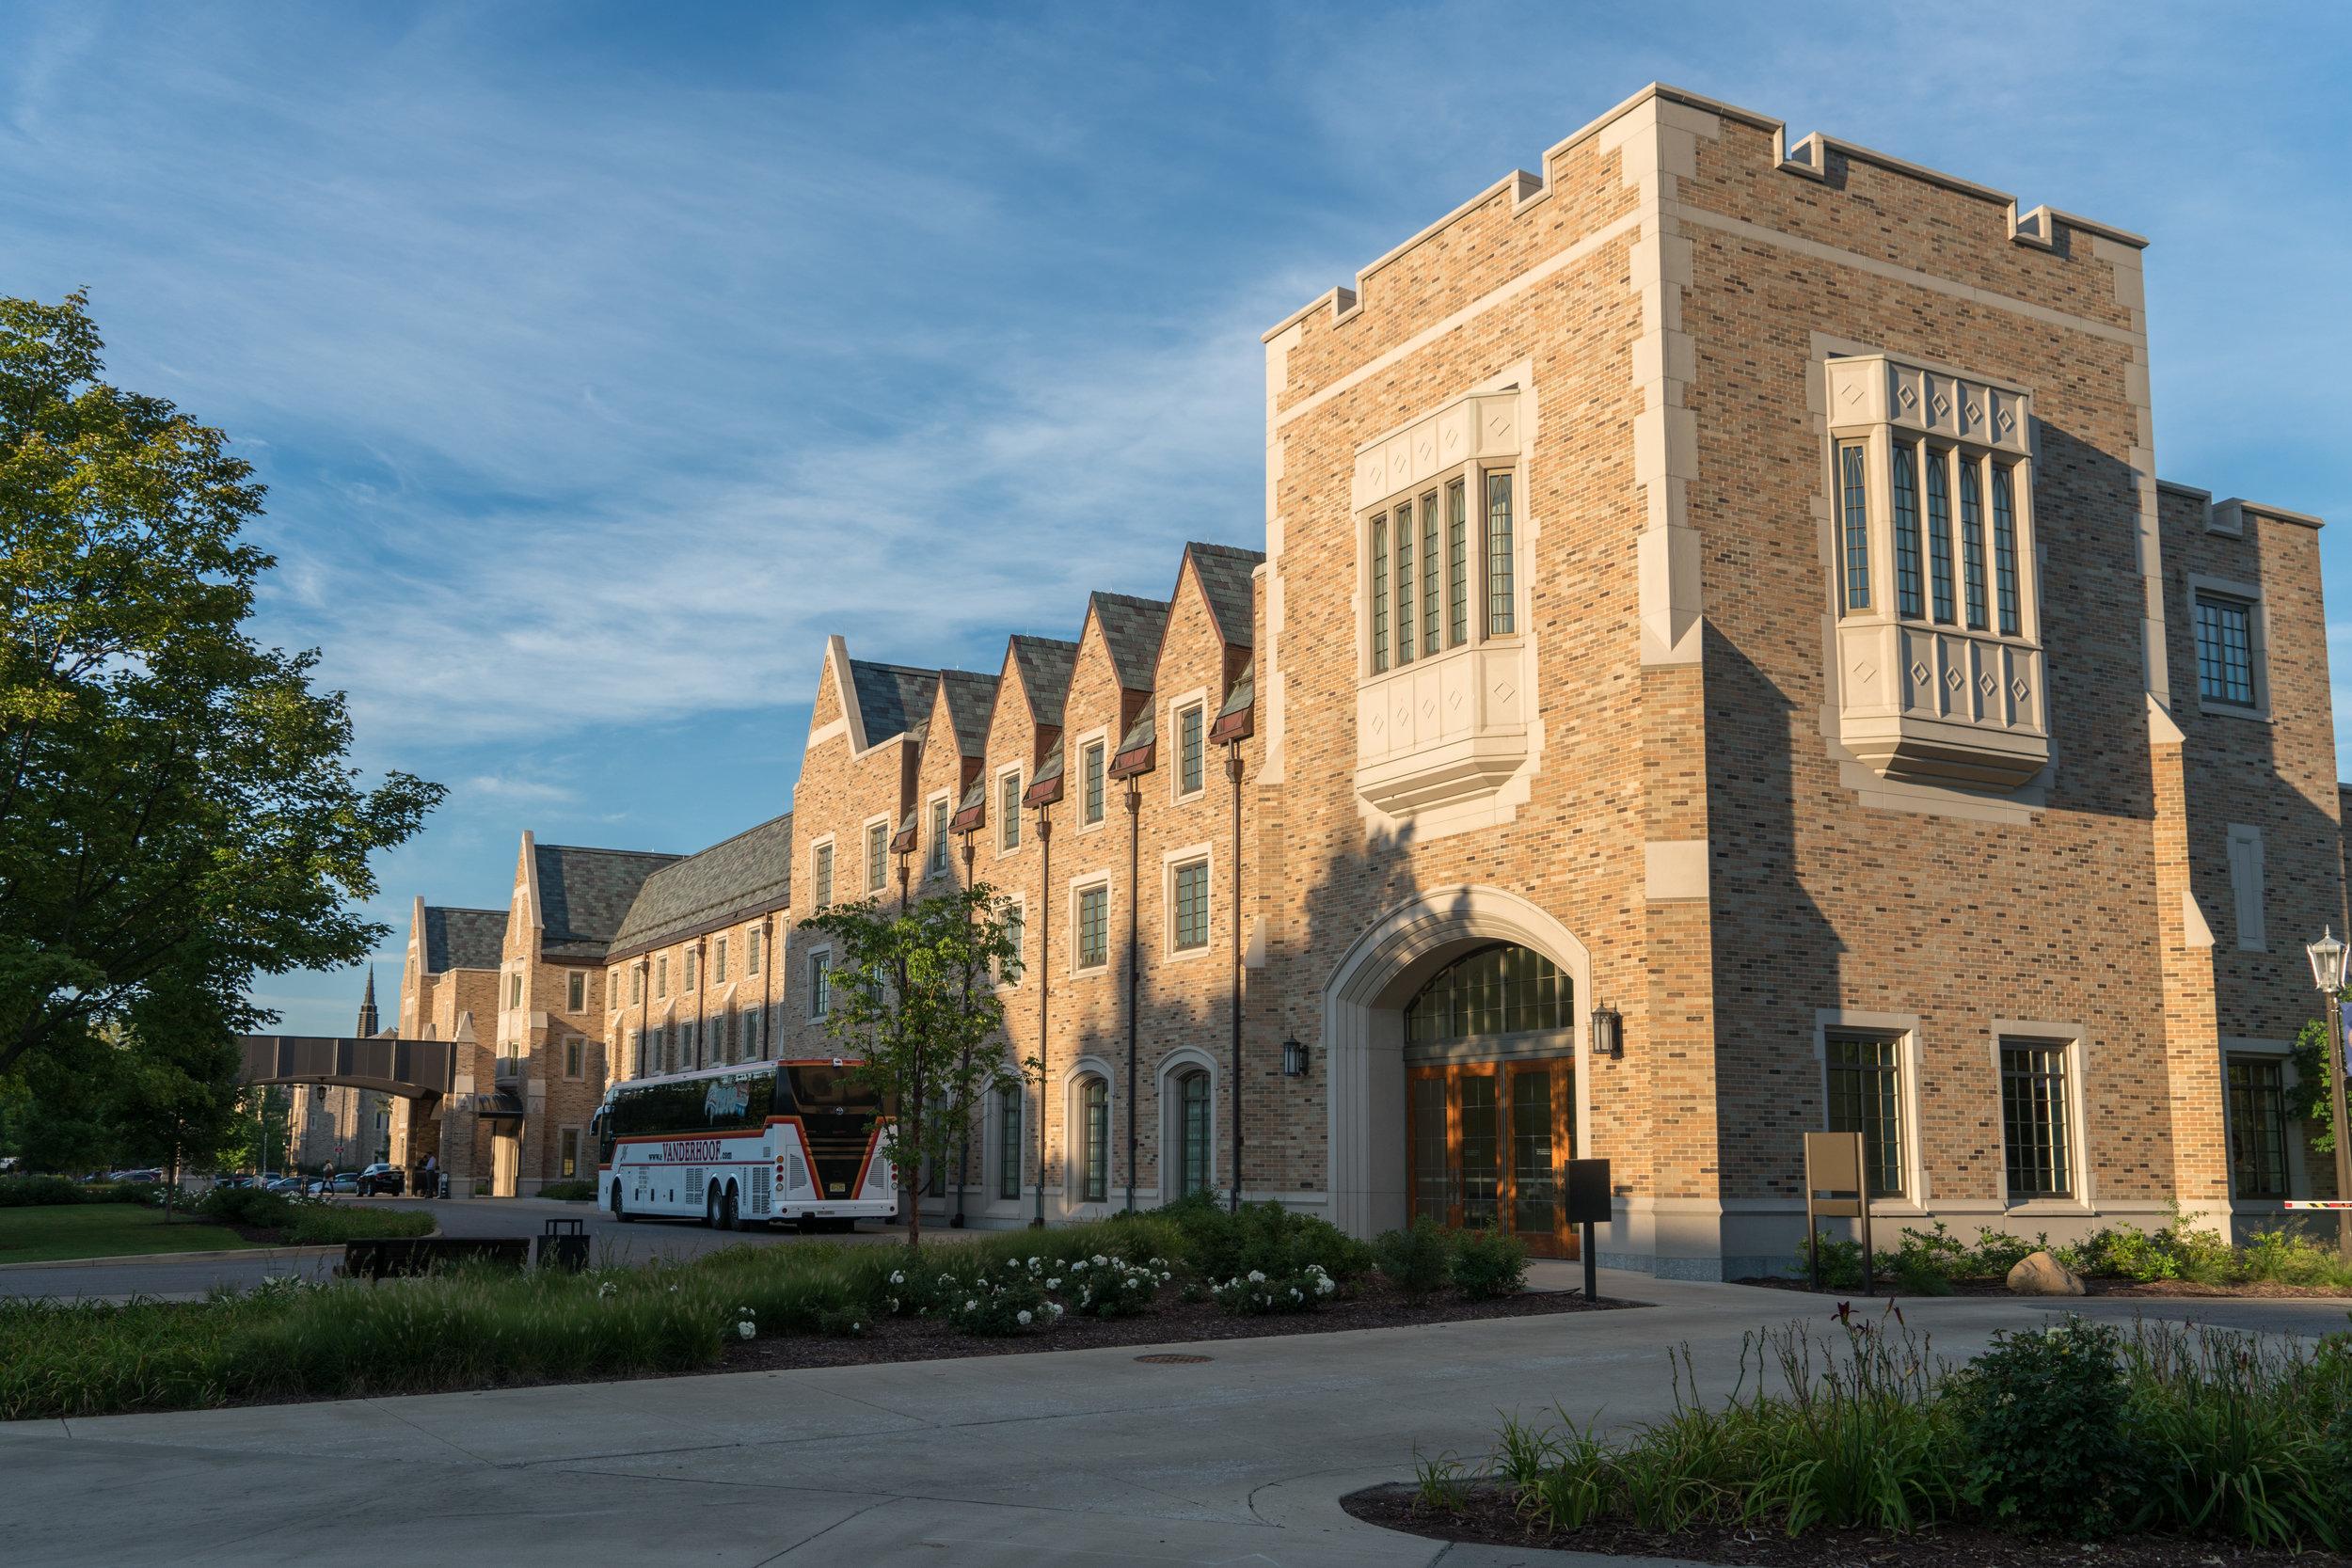 University of Notre Dame - Morris Inn